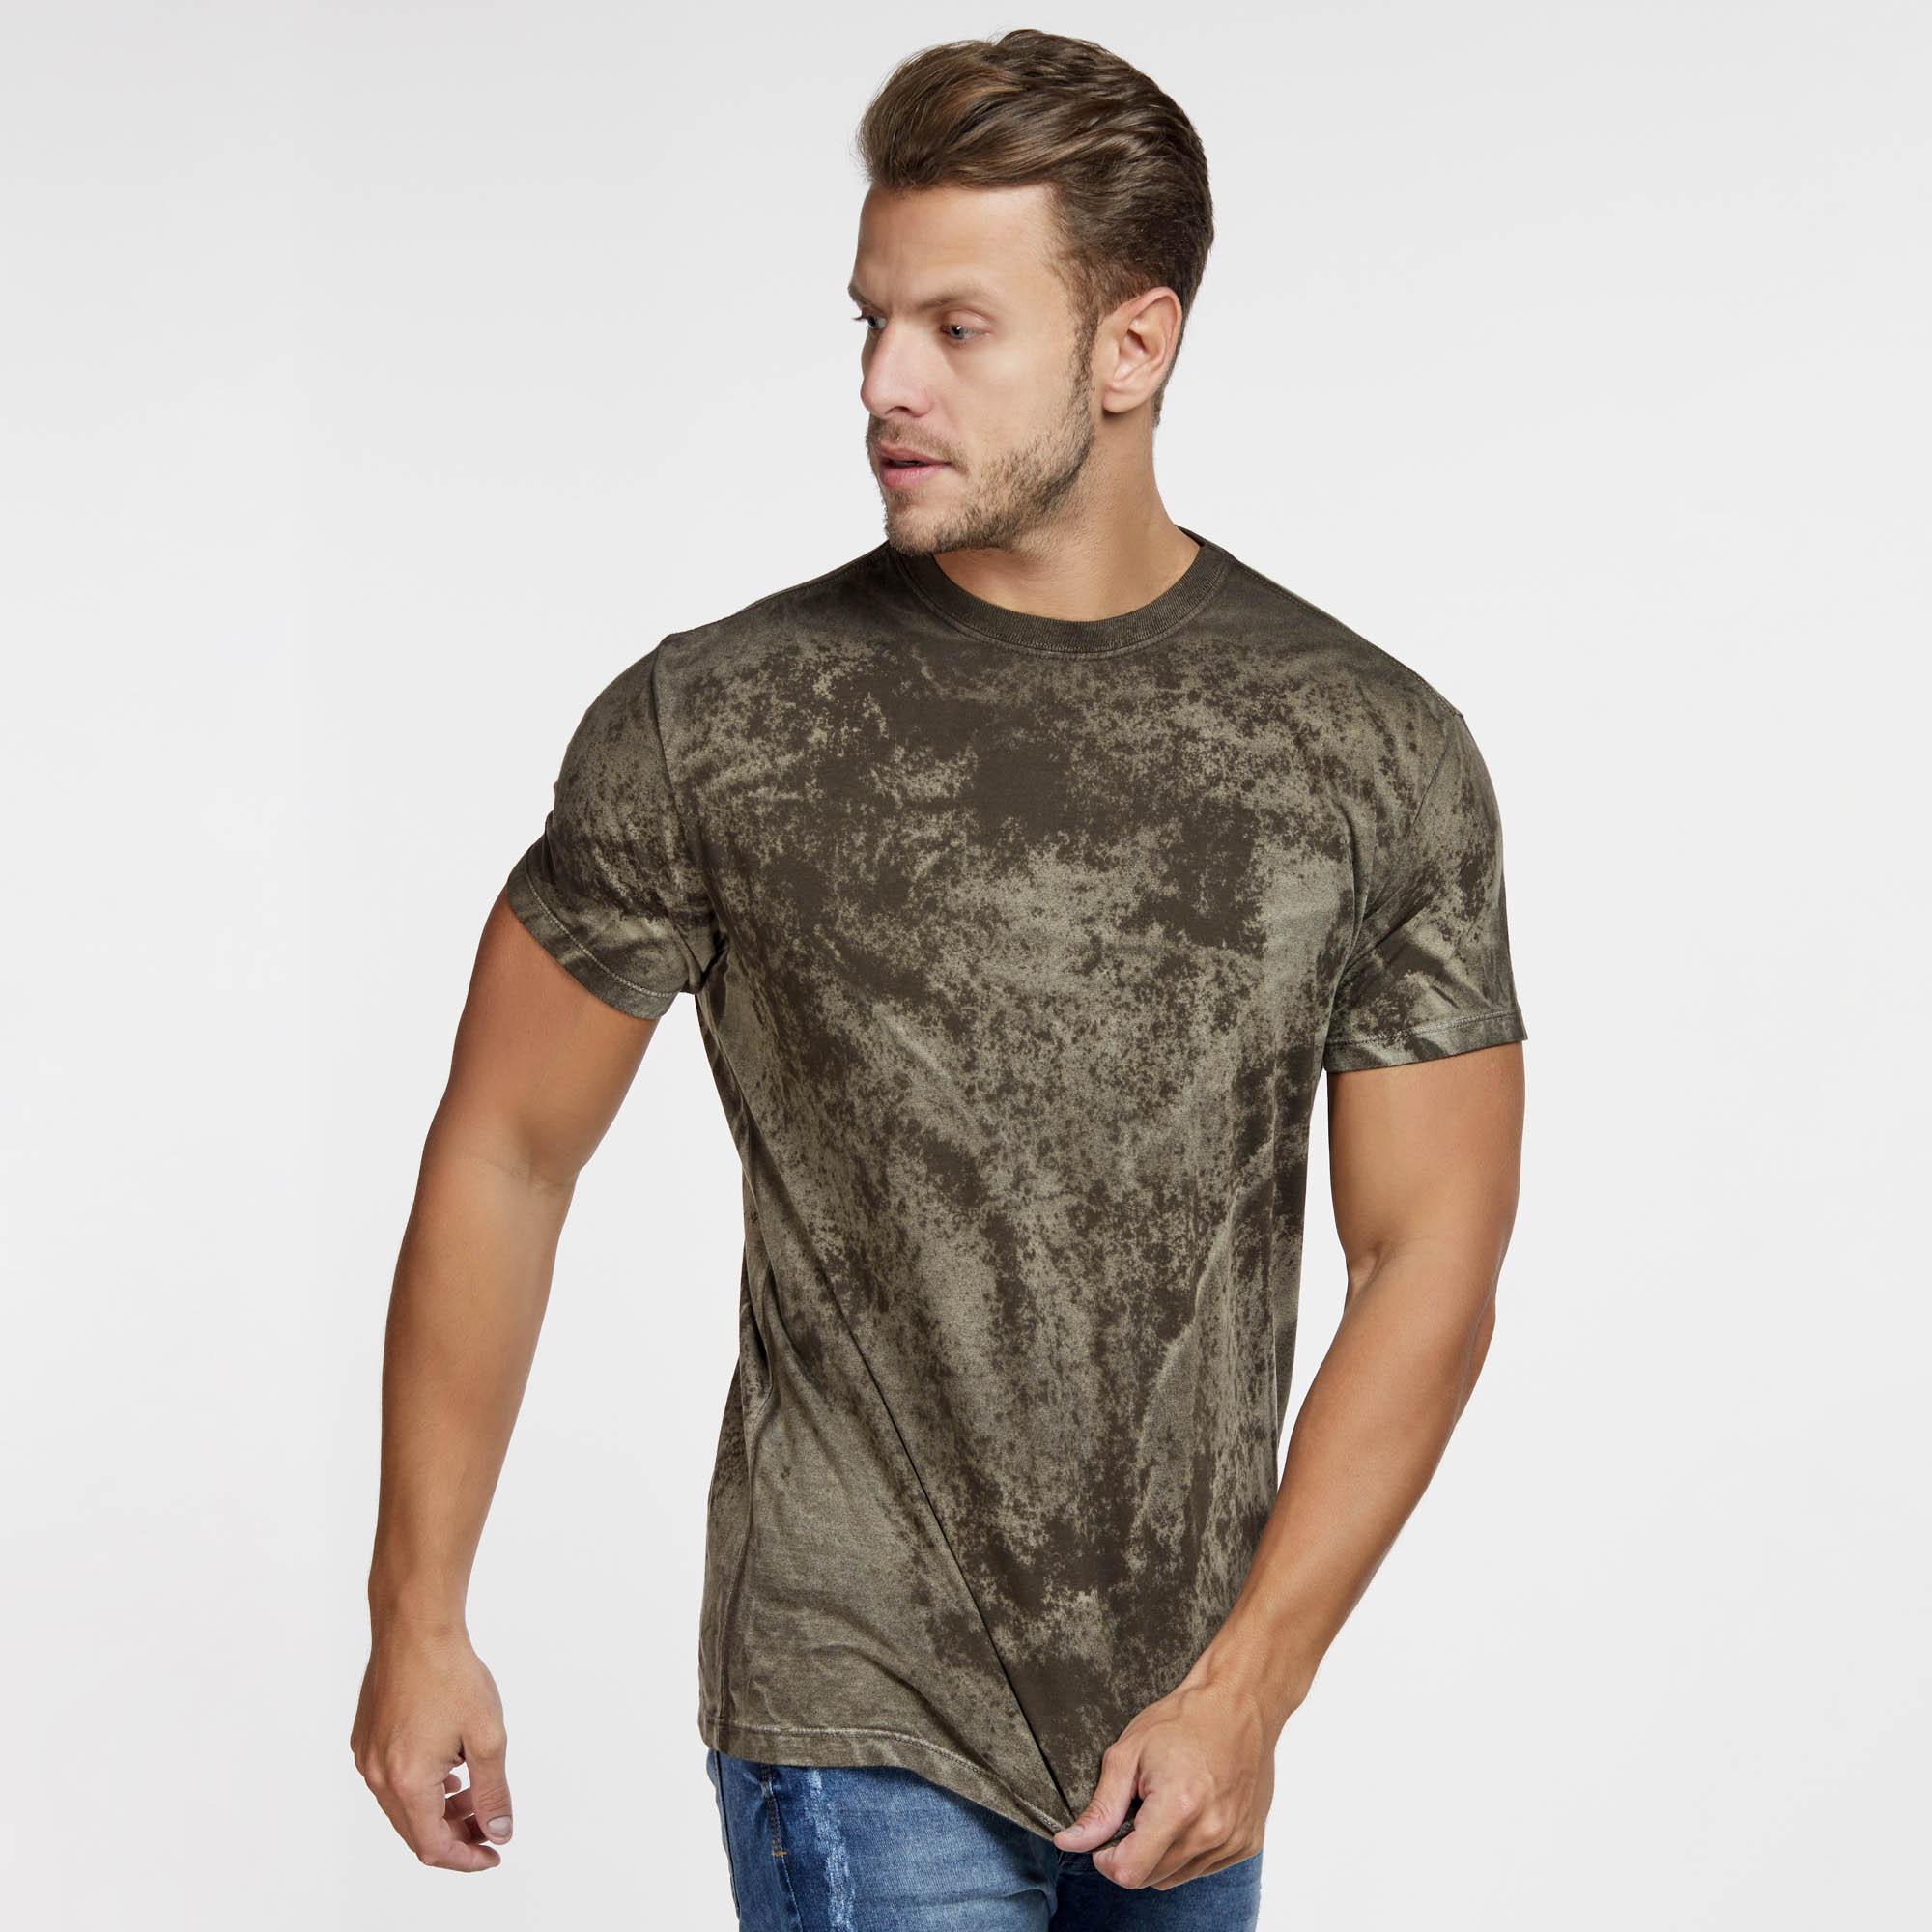 Camiseta Masculina Texturizada Marrom